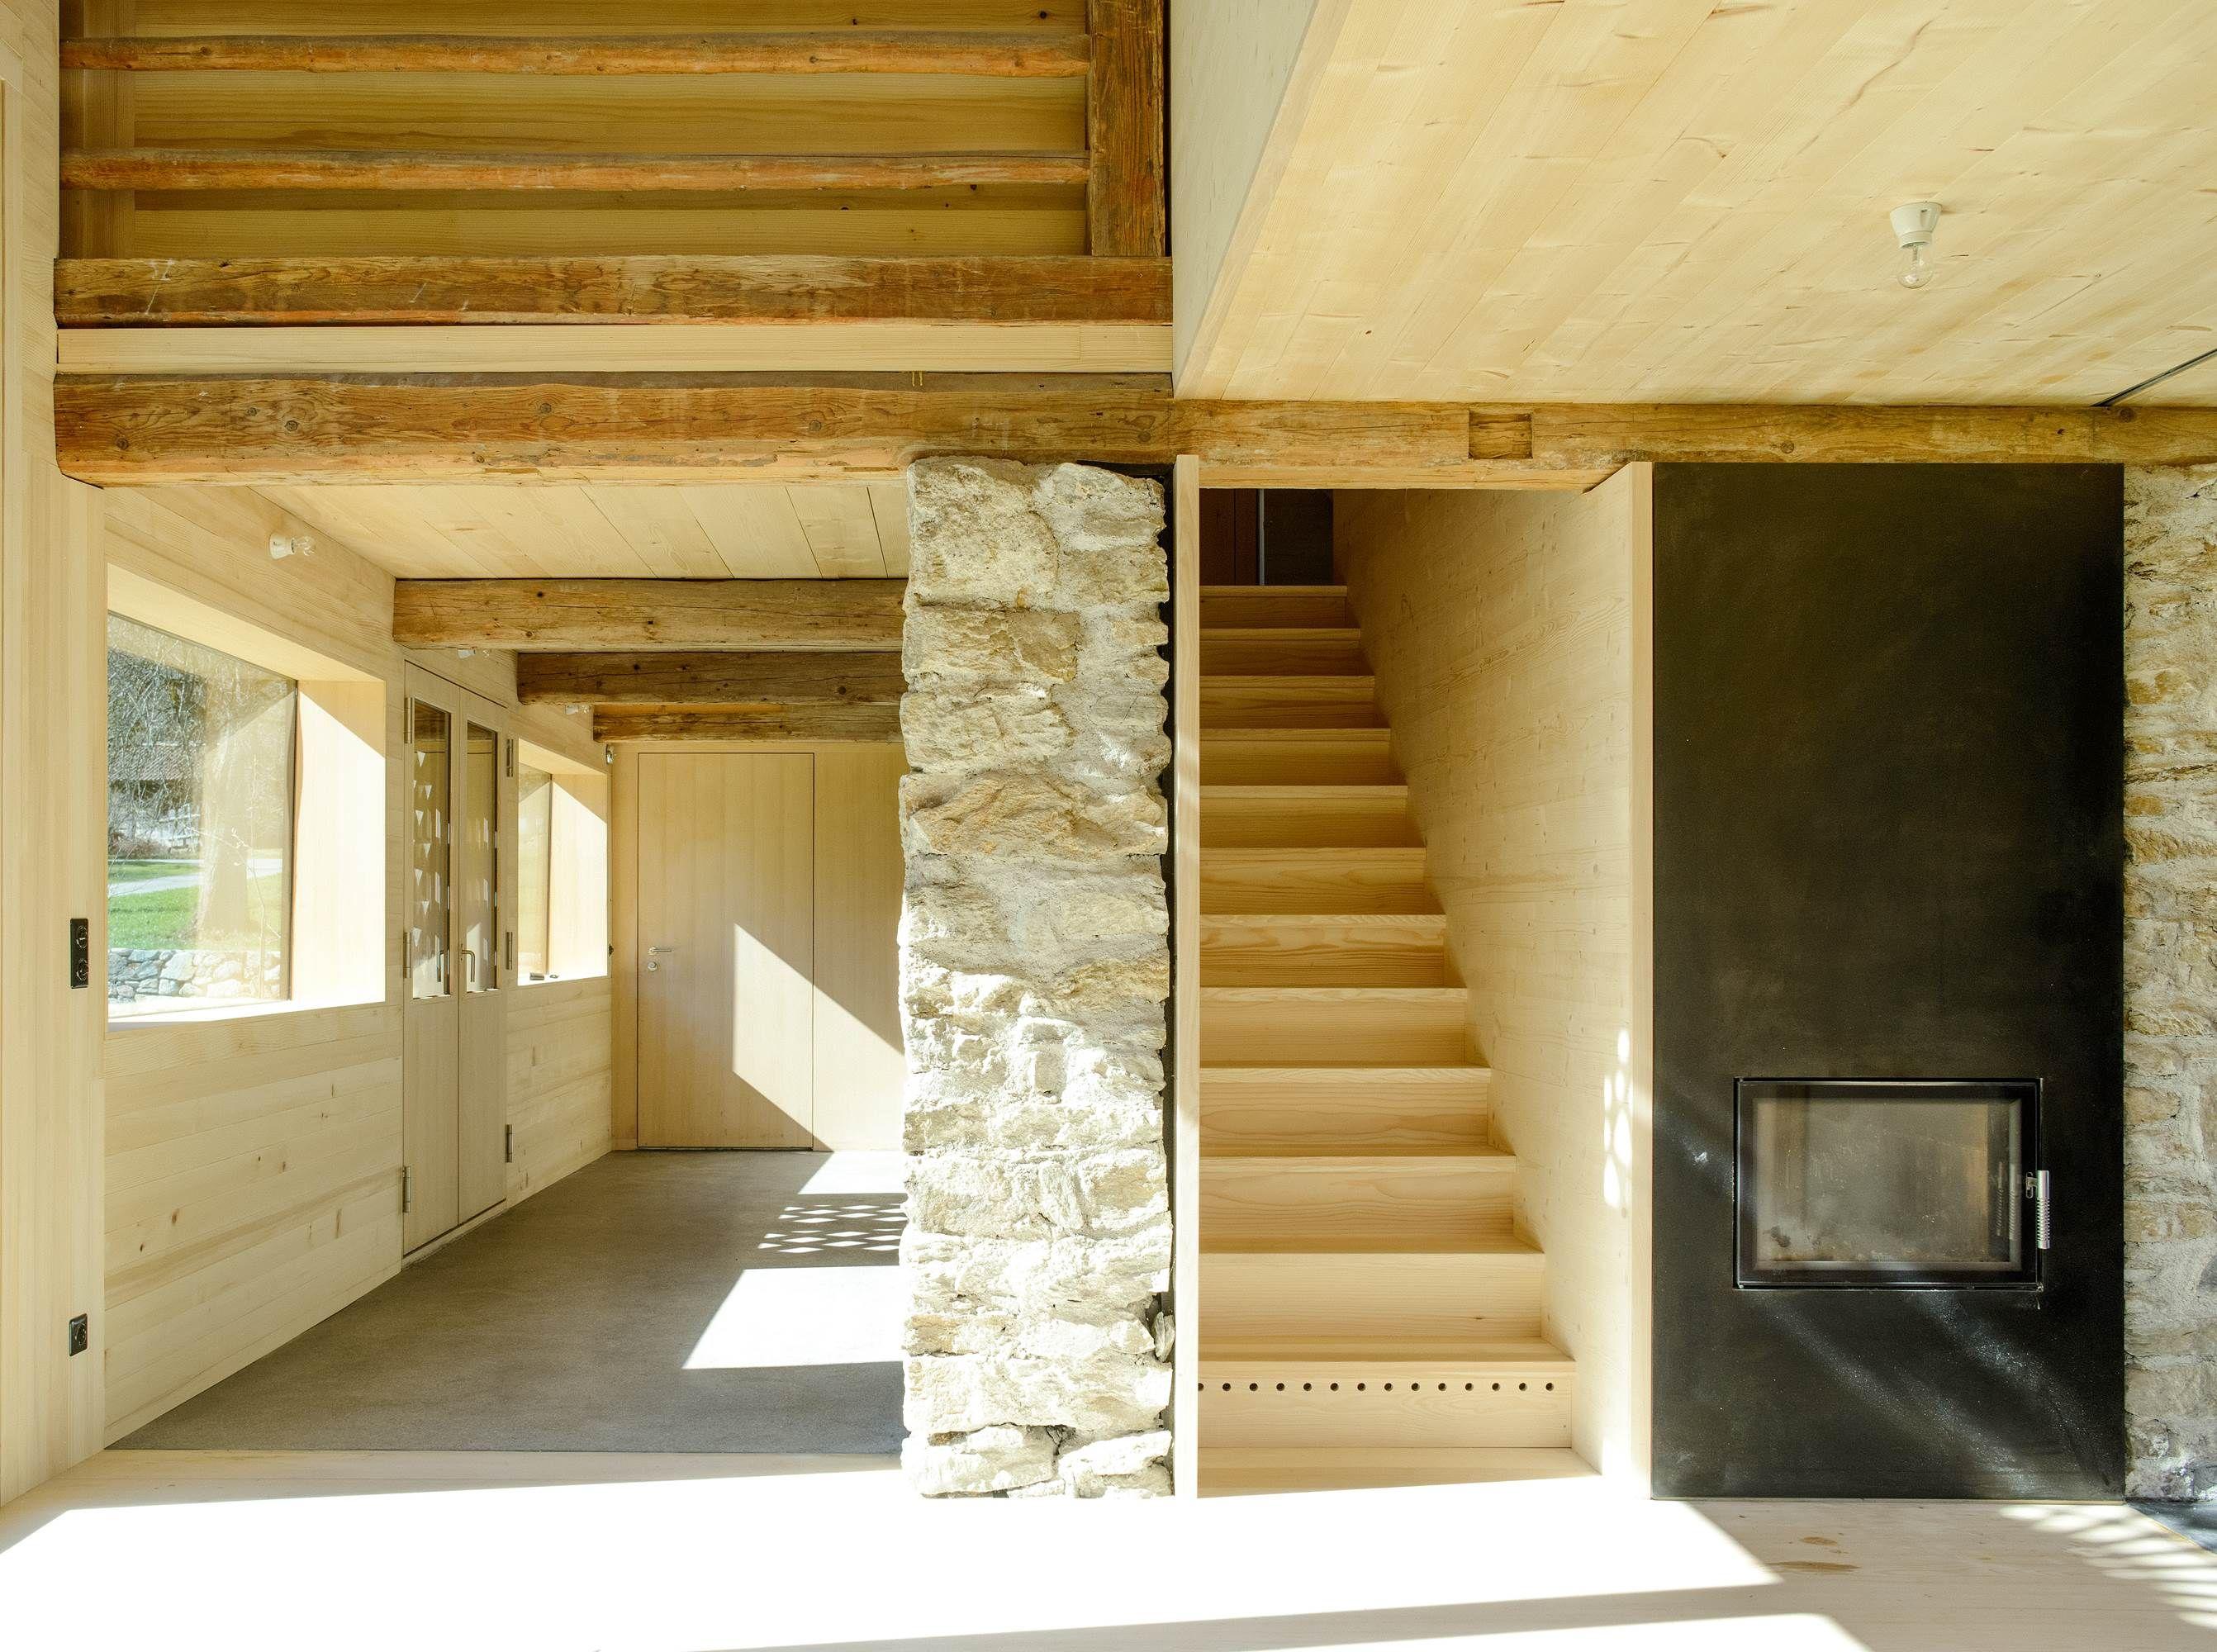 Stall B Tschagguns, Bernhard Breuer 2015 | material | Pinterest ...